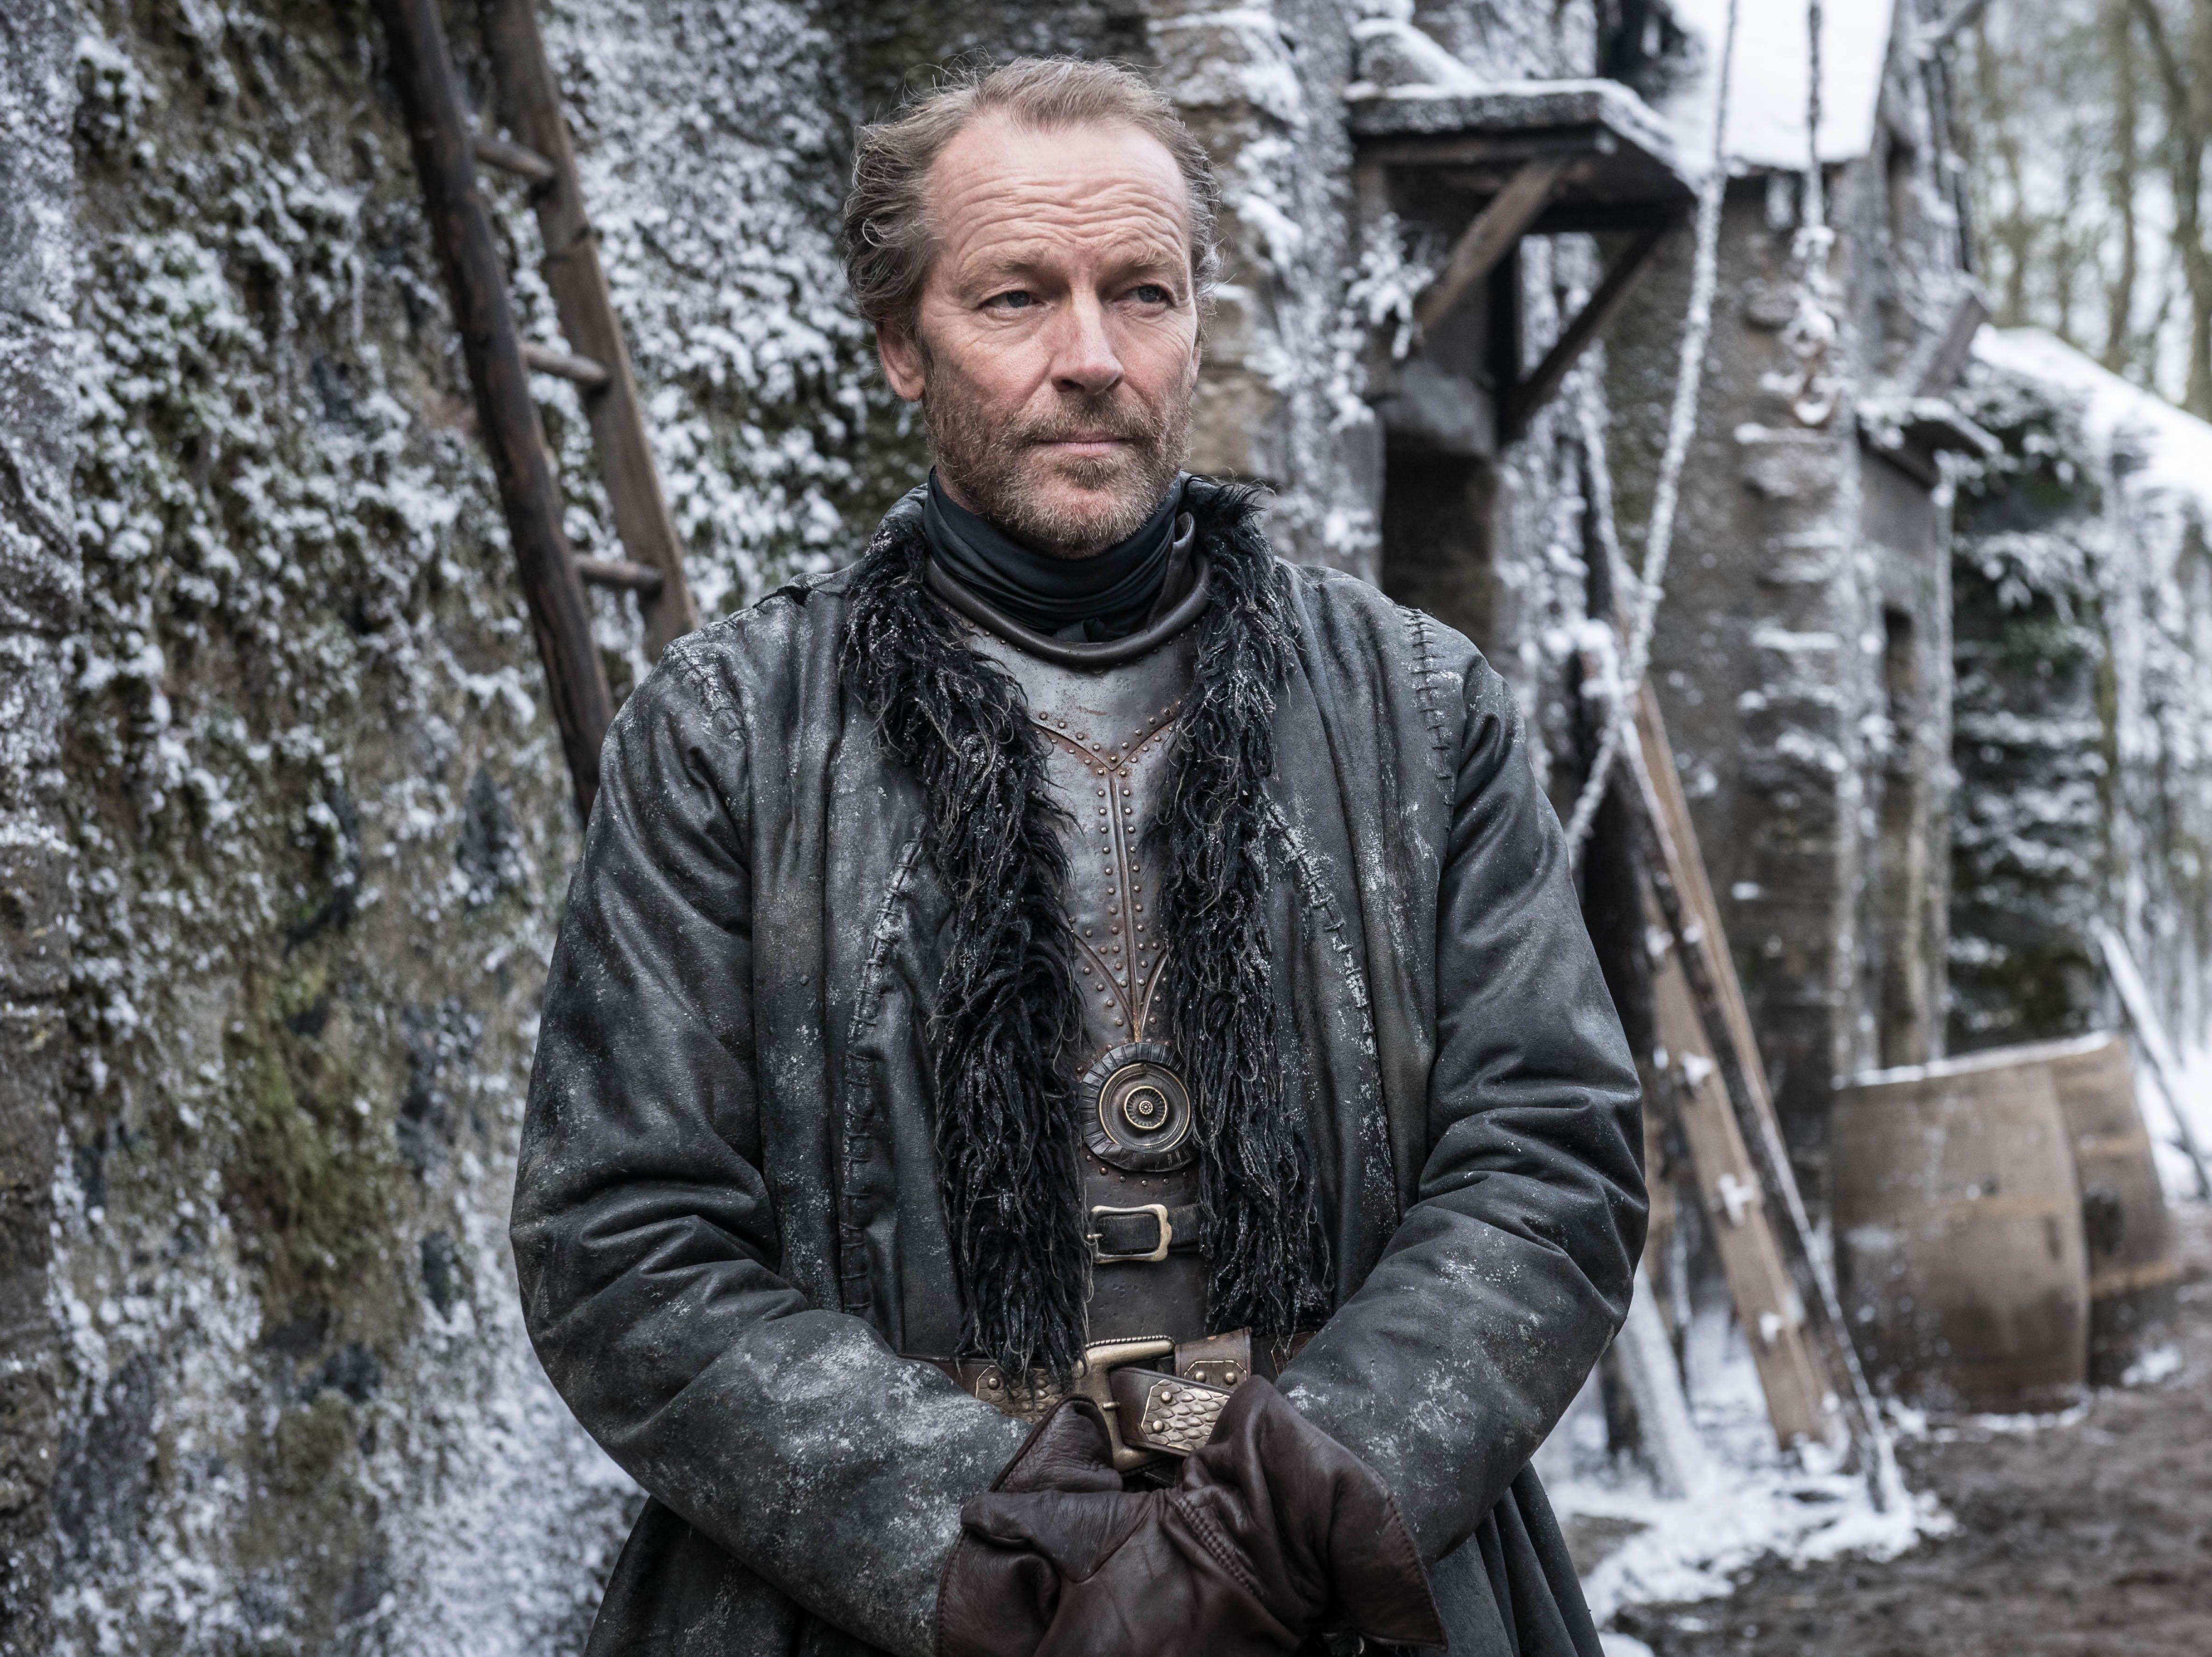 """Iain Glen as Jorah Mormont on """"Game of Thrones."""""""